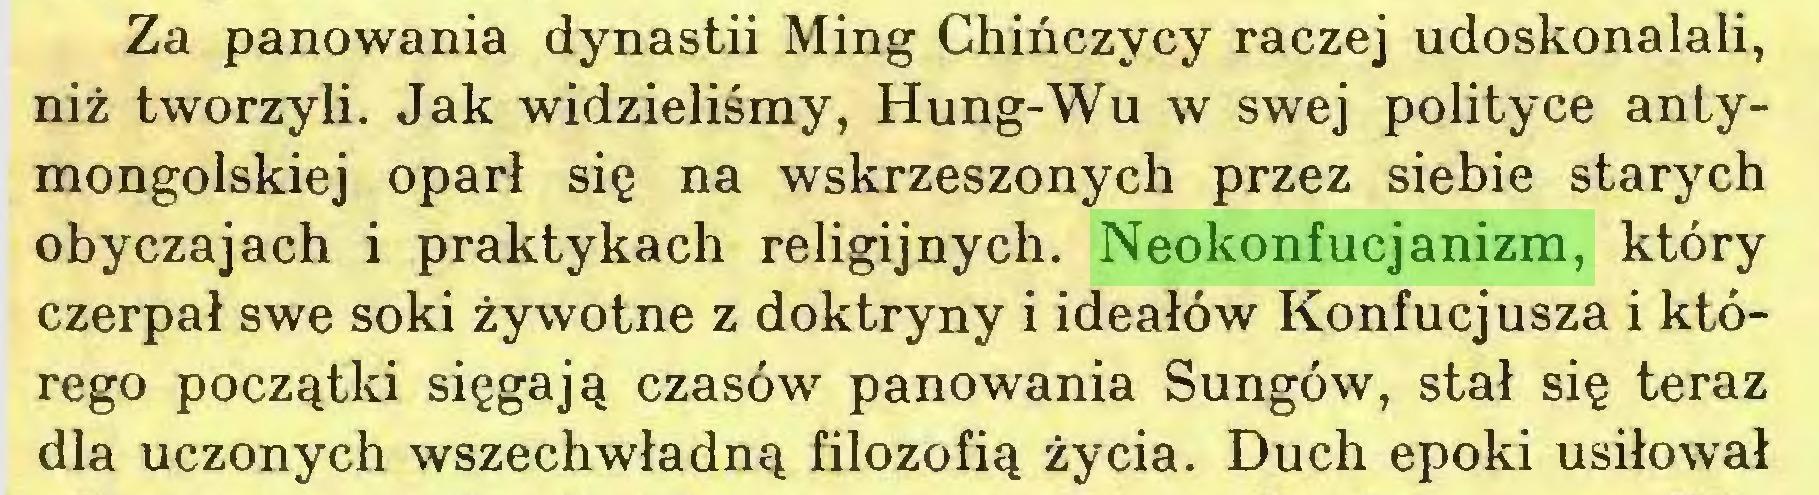 (...) Za panowania dynastii Ming Chińczycy raczej udoskonalali, niż tworzyli. Jak widzieliśmy, Hung-Wu w swej polityce antymongolskiej oparł się na wskrzeszonych przez siebie starych obyczajach i praktykach religijnych. Neokonfucjanizm, który czerpał swe soki żywotne z doktryny i ideałów Konfucjusza i którego początki sięgają czasów panowania Sungów, stał się teraz dla uczonych wszechwładną filozofią życia. Duch epoki usiłował...